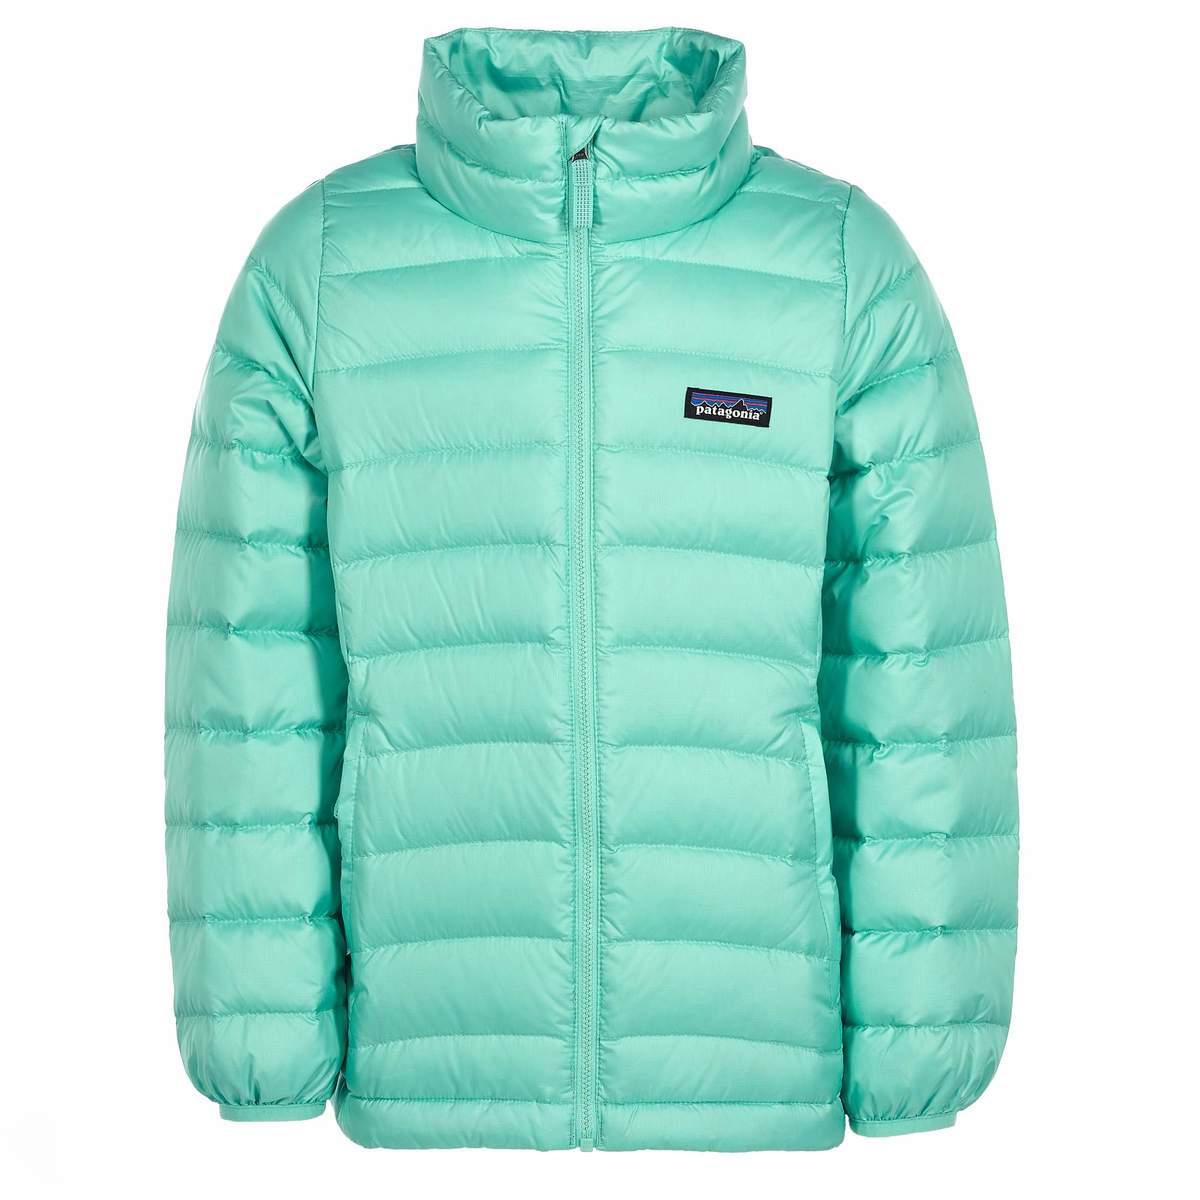 Bild 1 von Patagonia Down Sweater Kinder - Daunenjacke